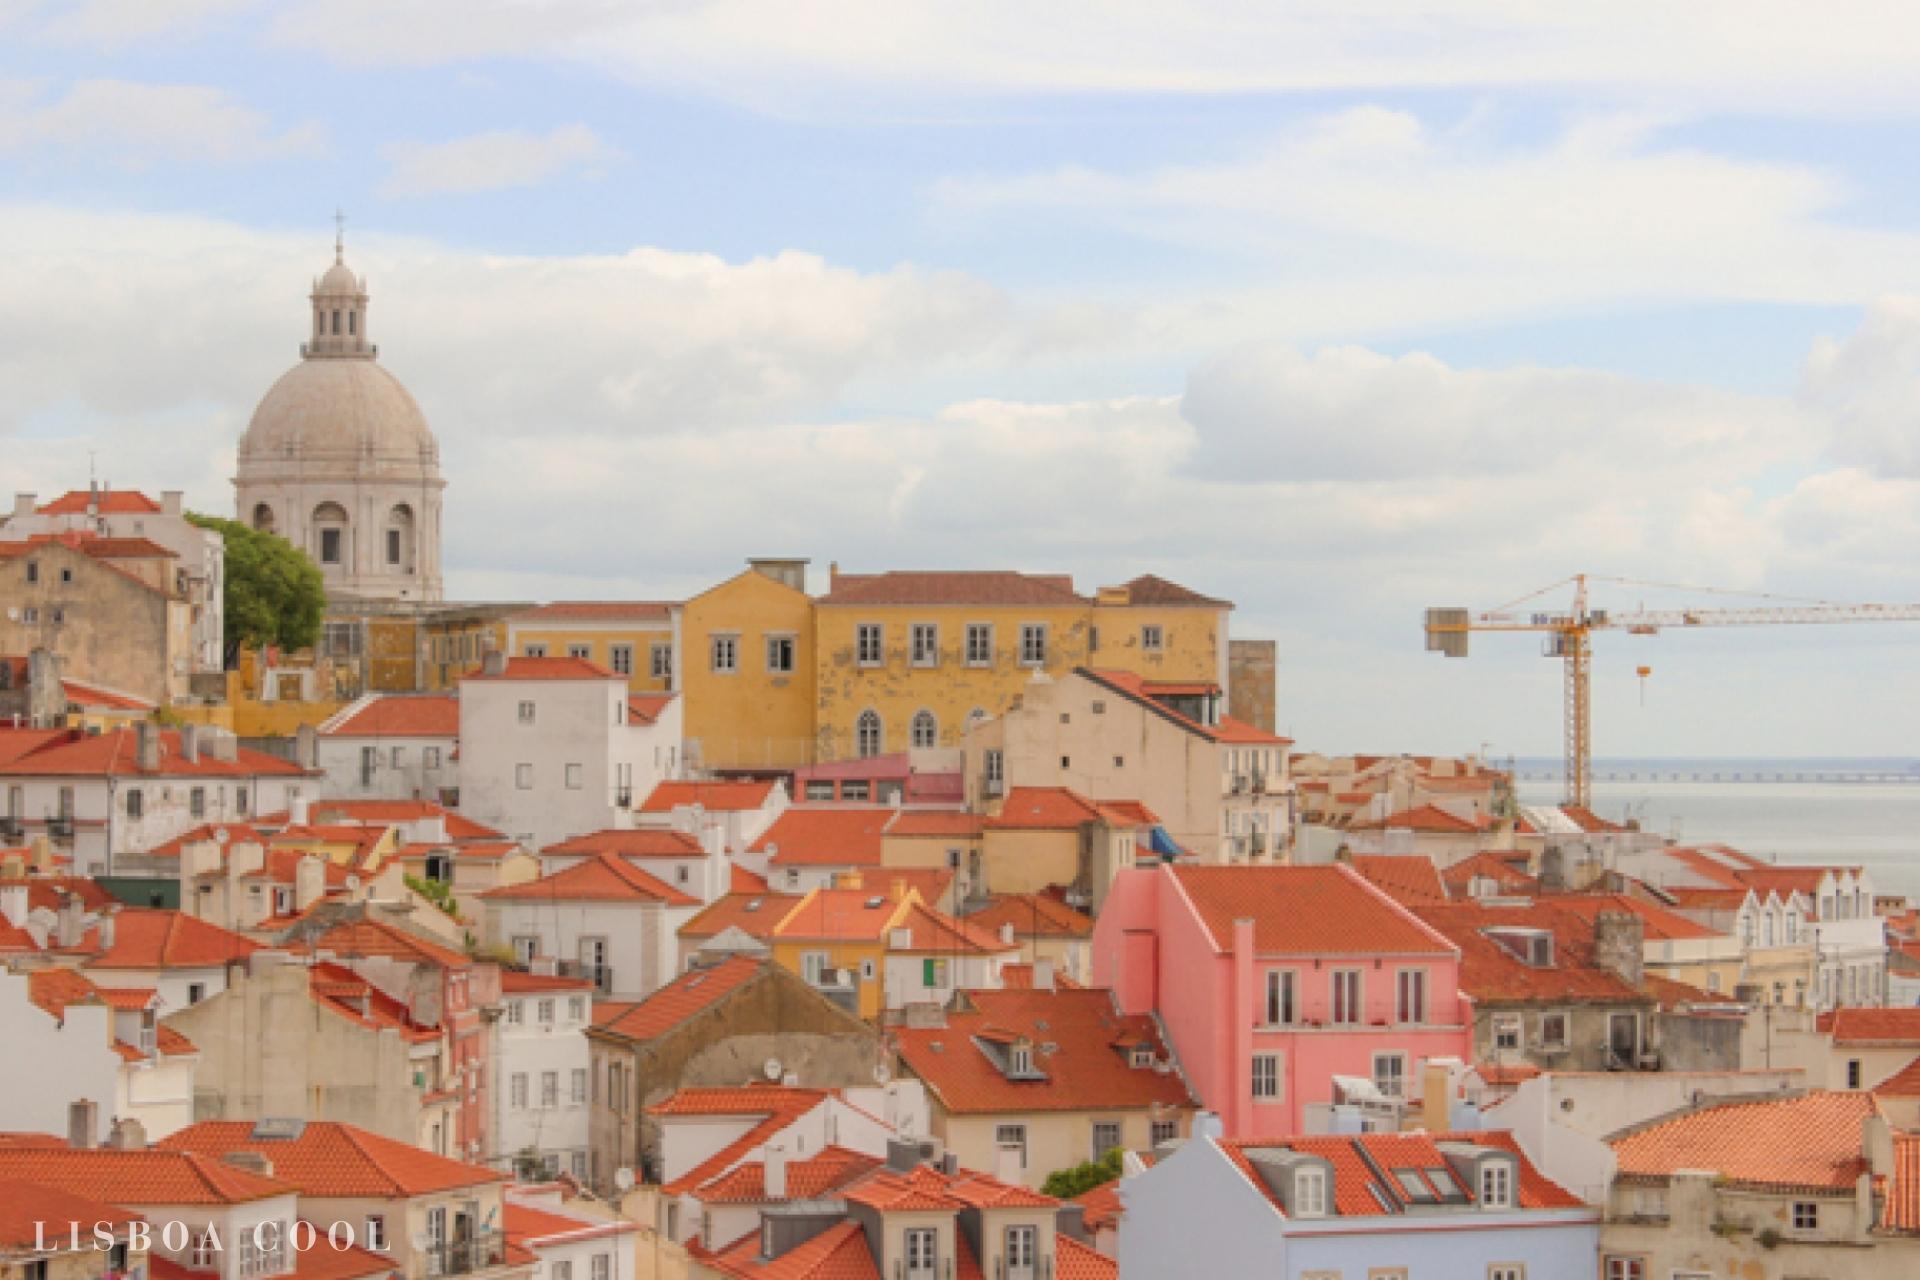 LisboaCool_Blog_5 experiências imperdíveis em Lisboa